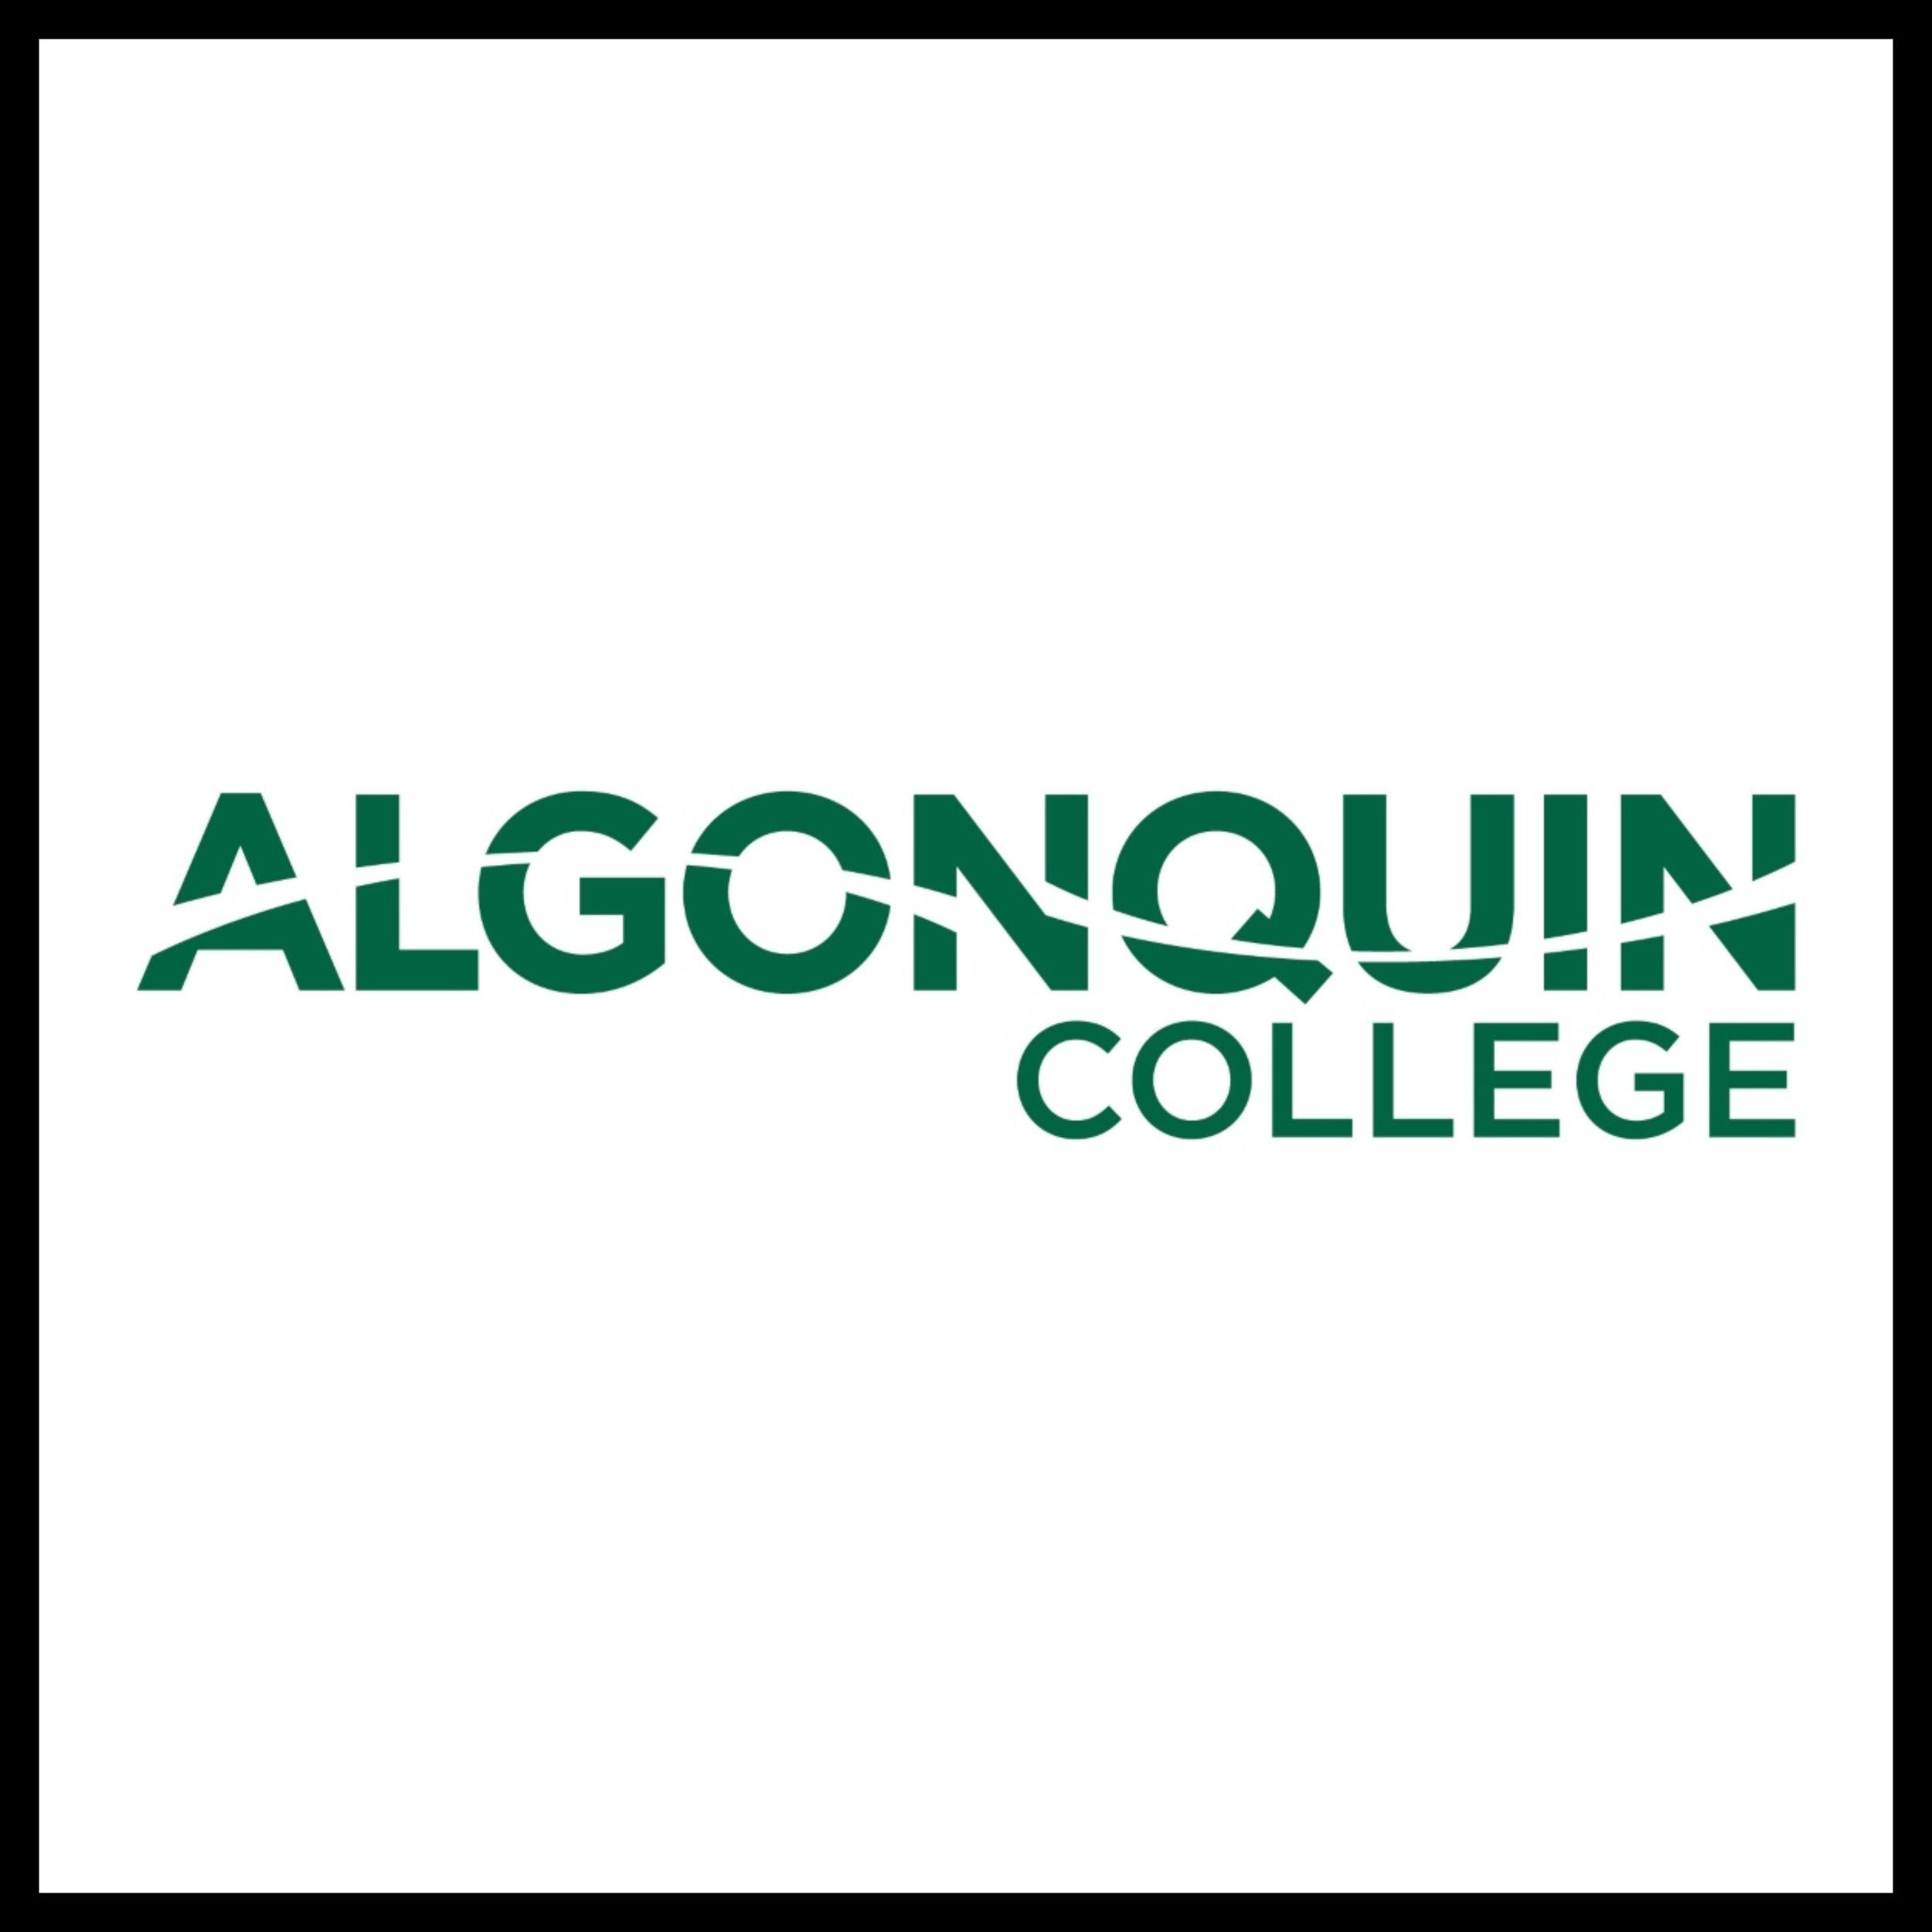 AlgonquinCollegeSQ.jpg